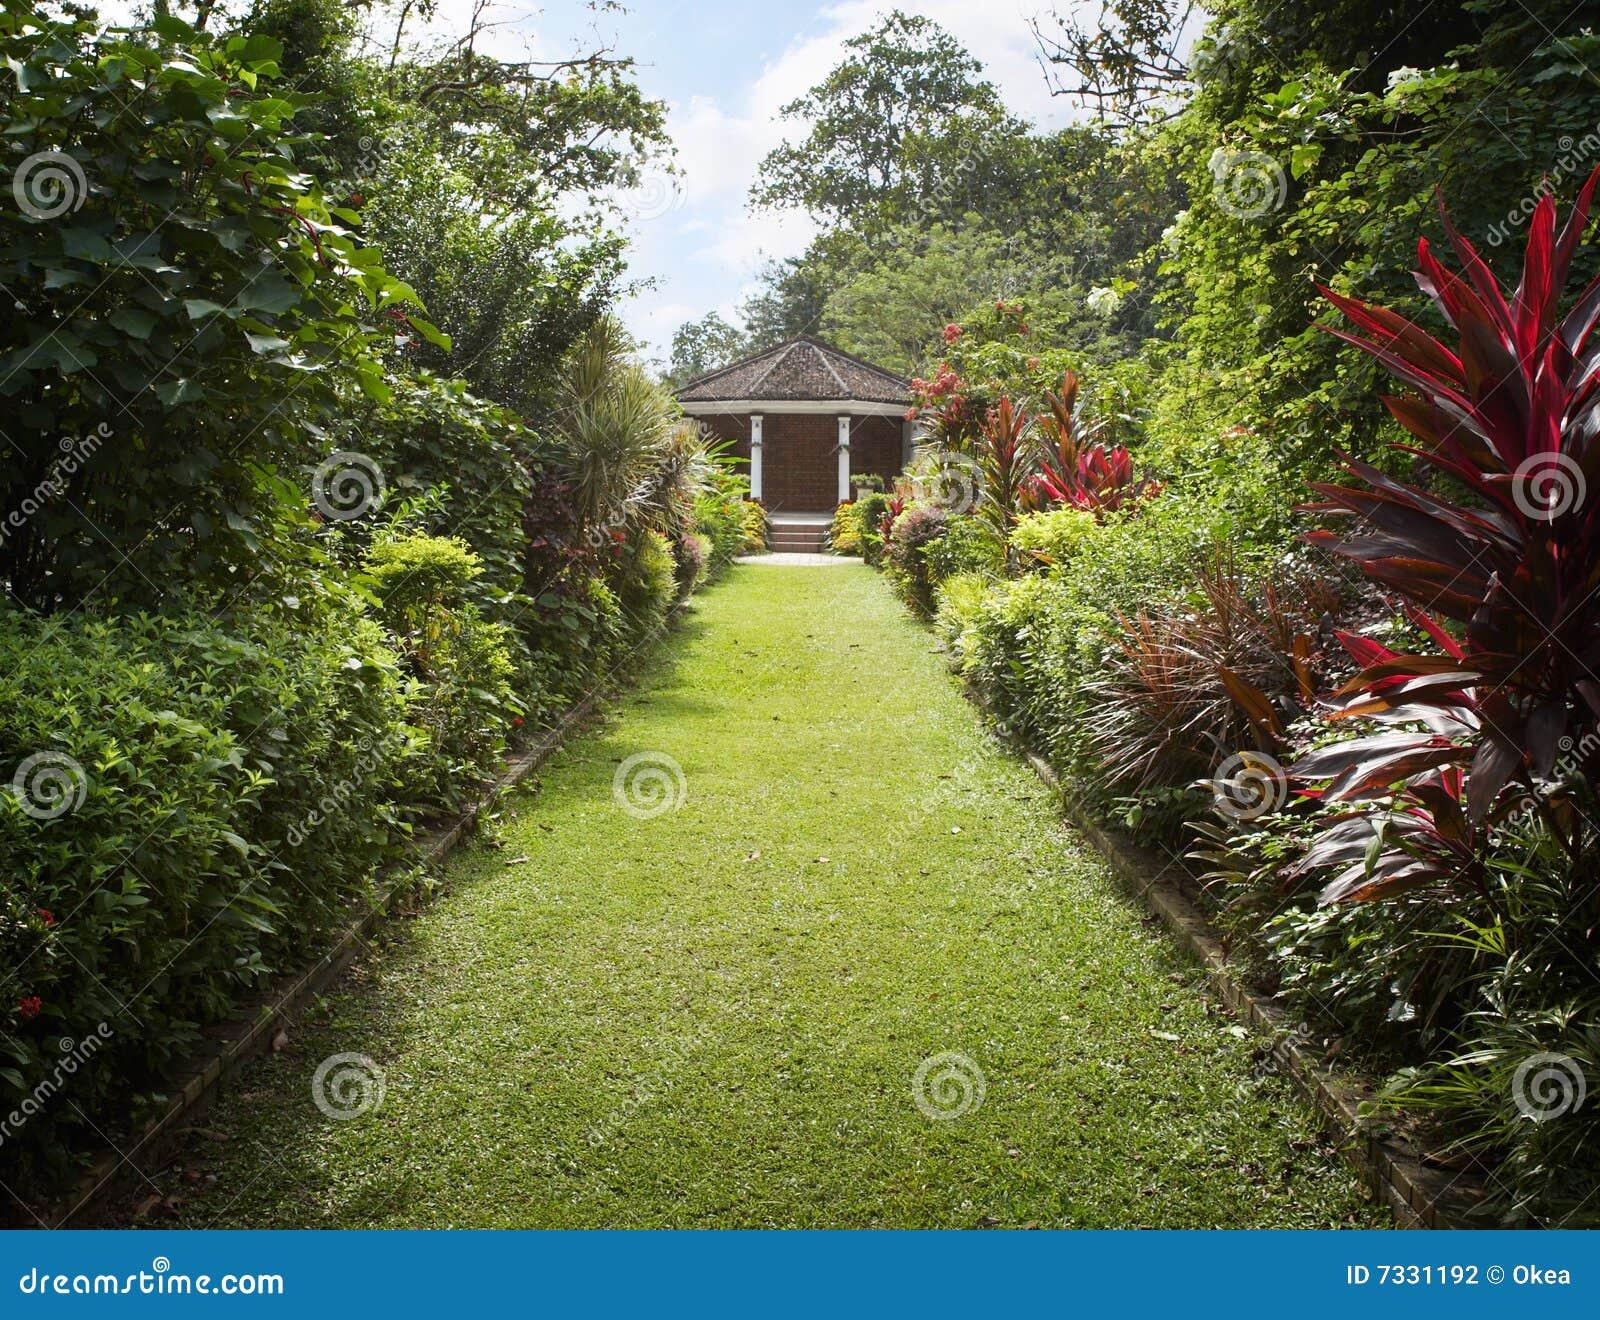 Jardim Do Quintal Fotografia de Stock - Imagem: 7331192